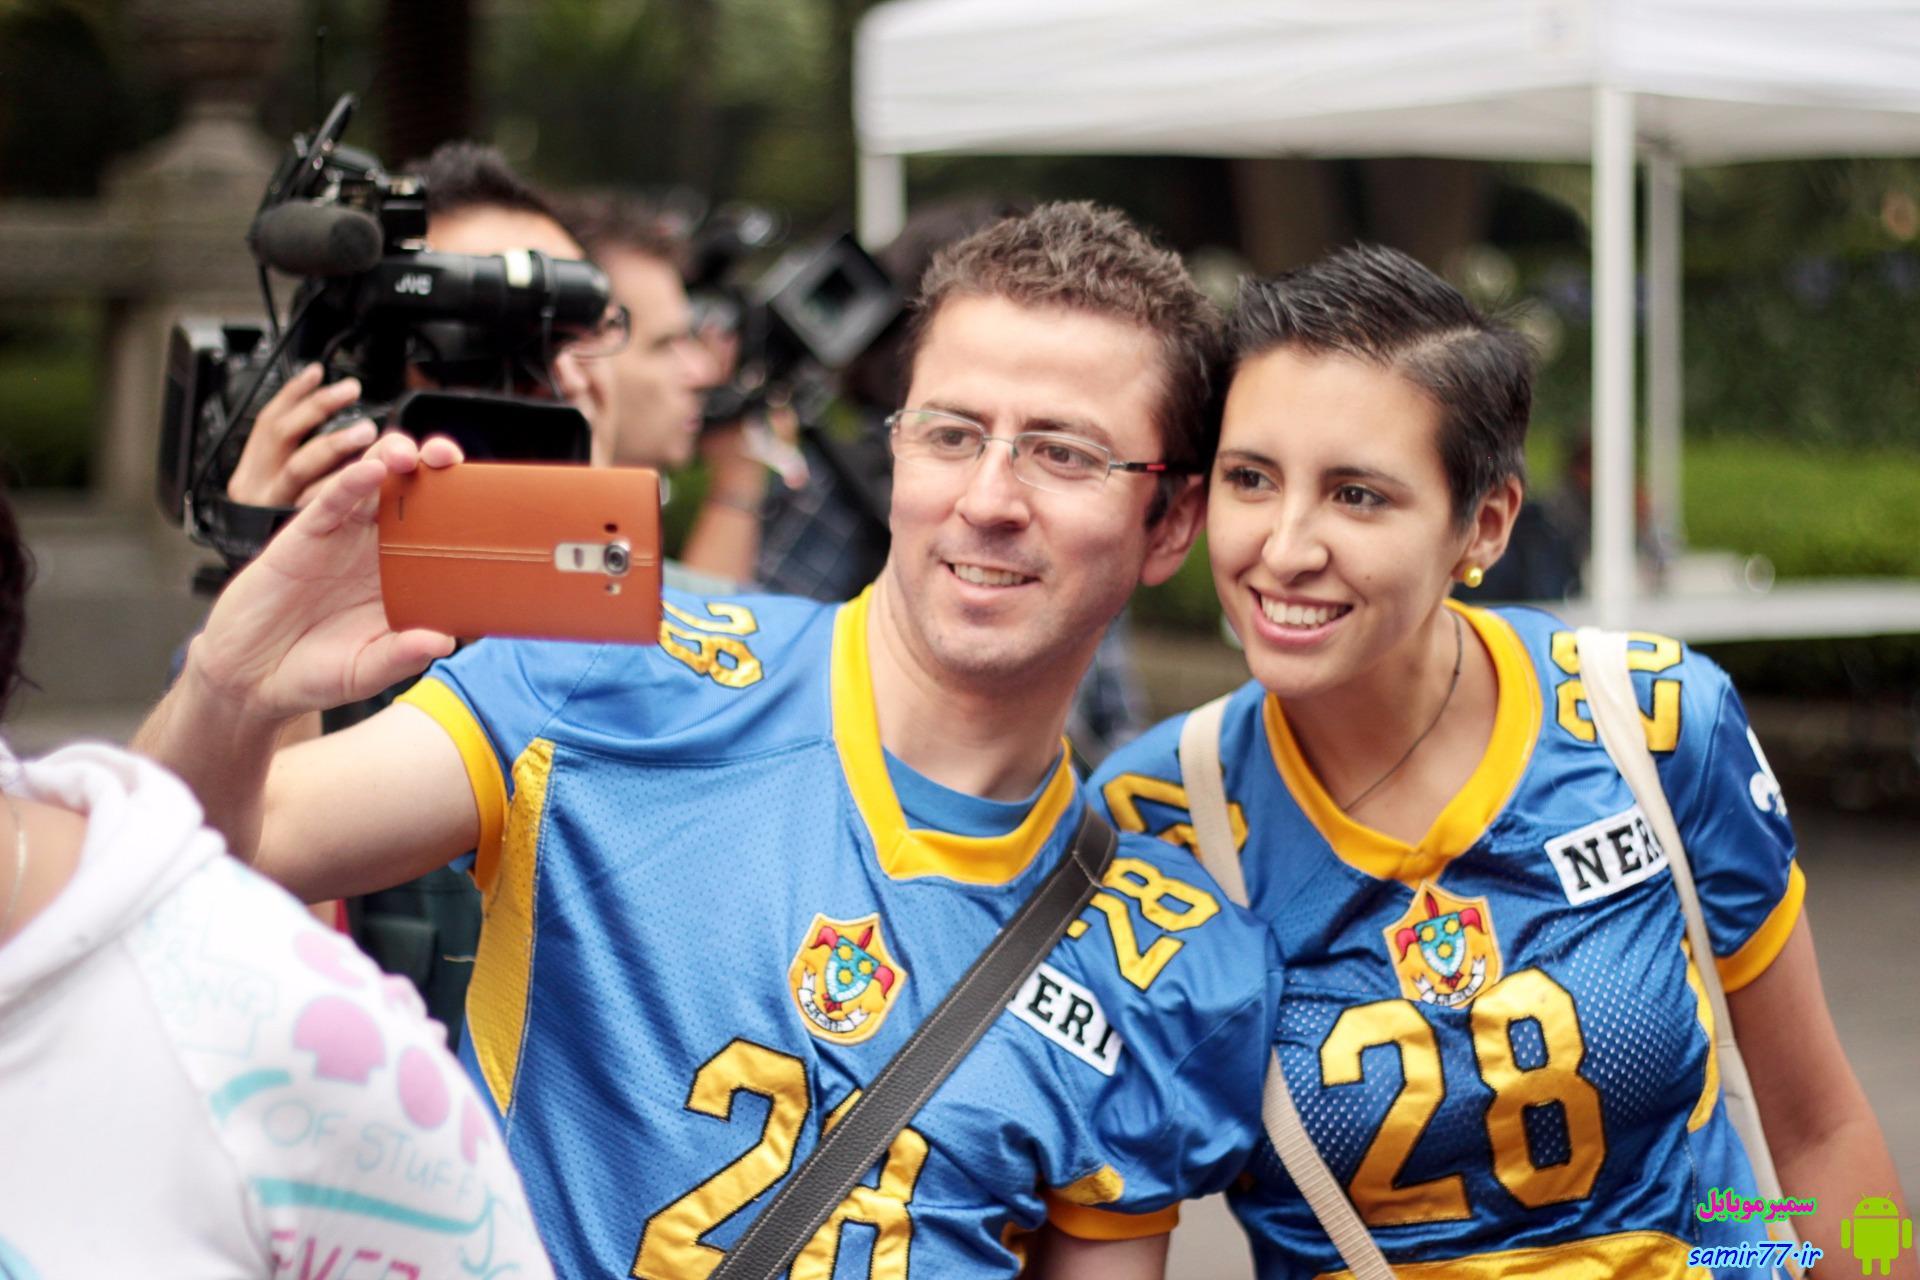 http://up.samir77.ir/view/323448/G4-Guinness-World-Record-2%20(1).jpg